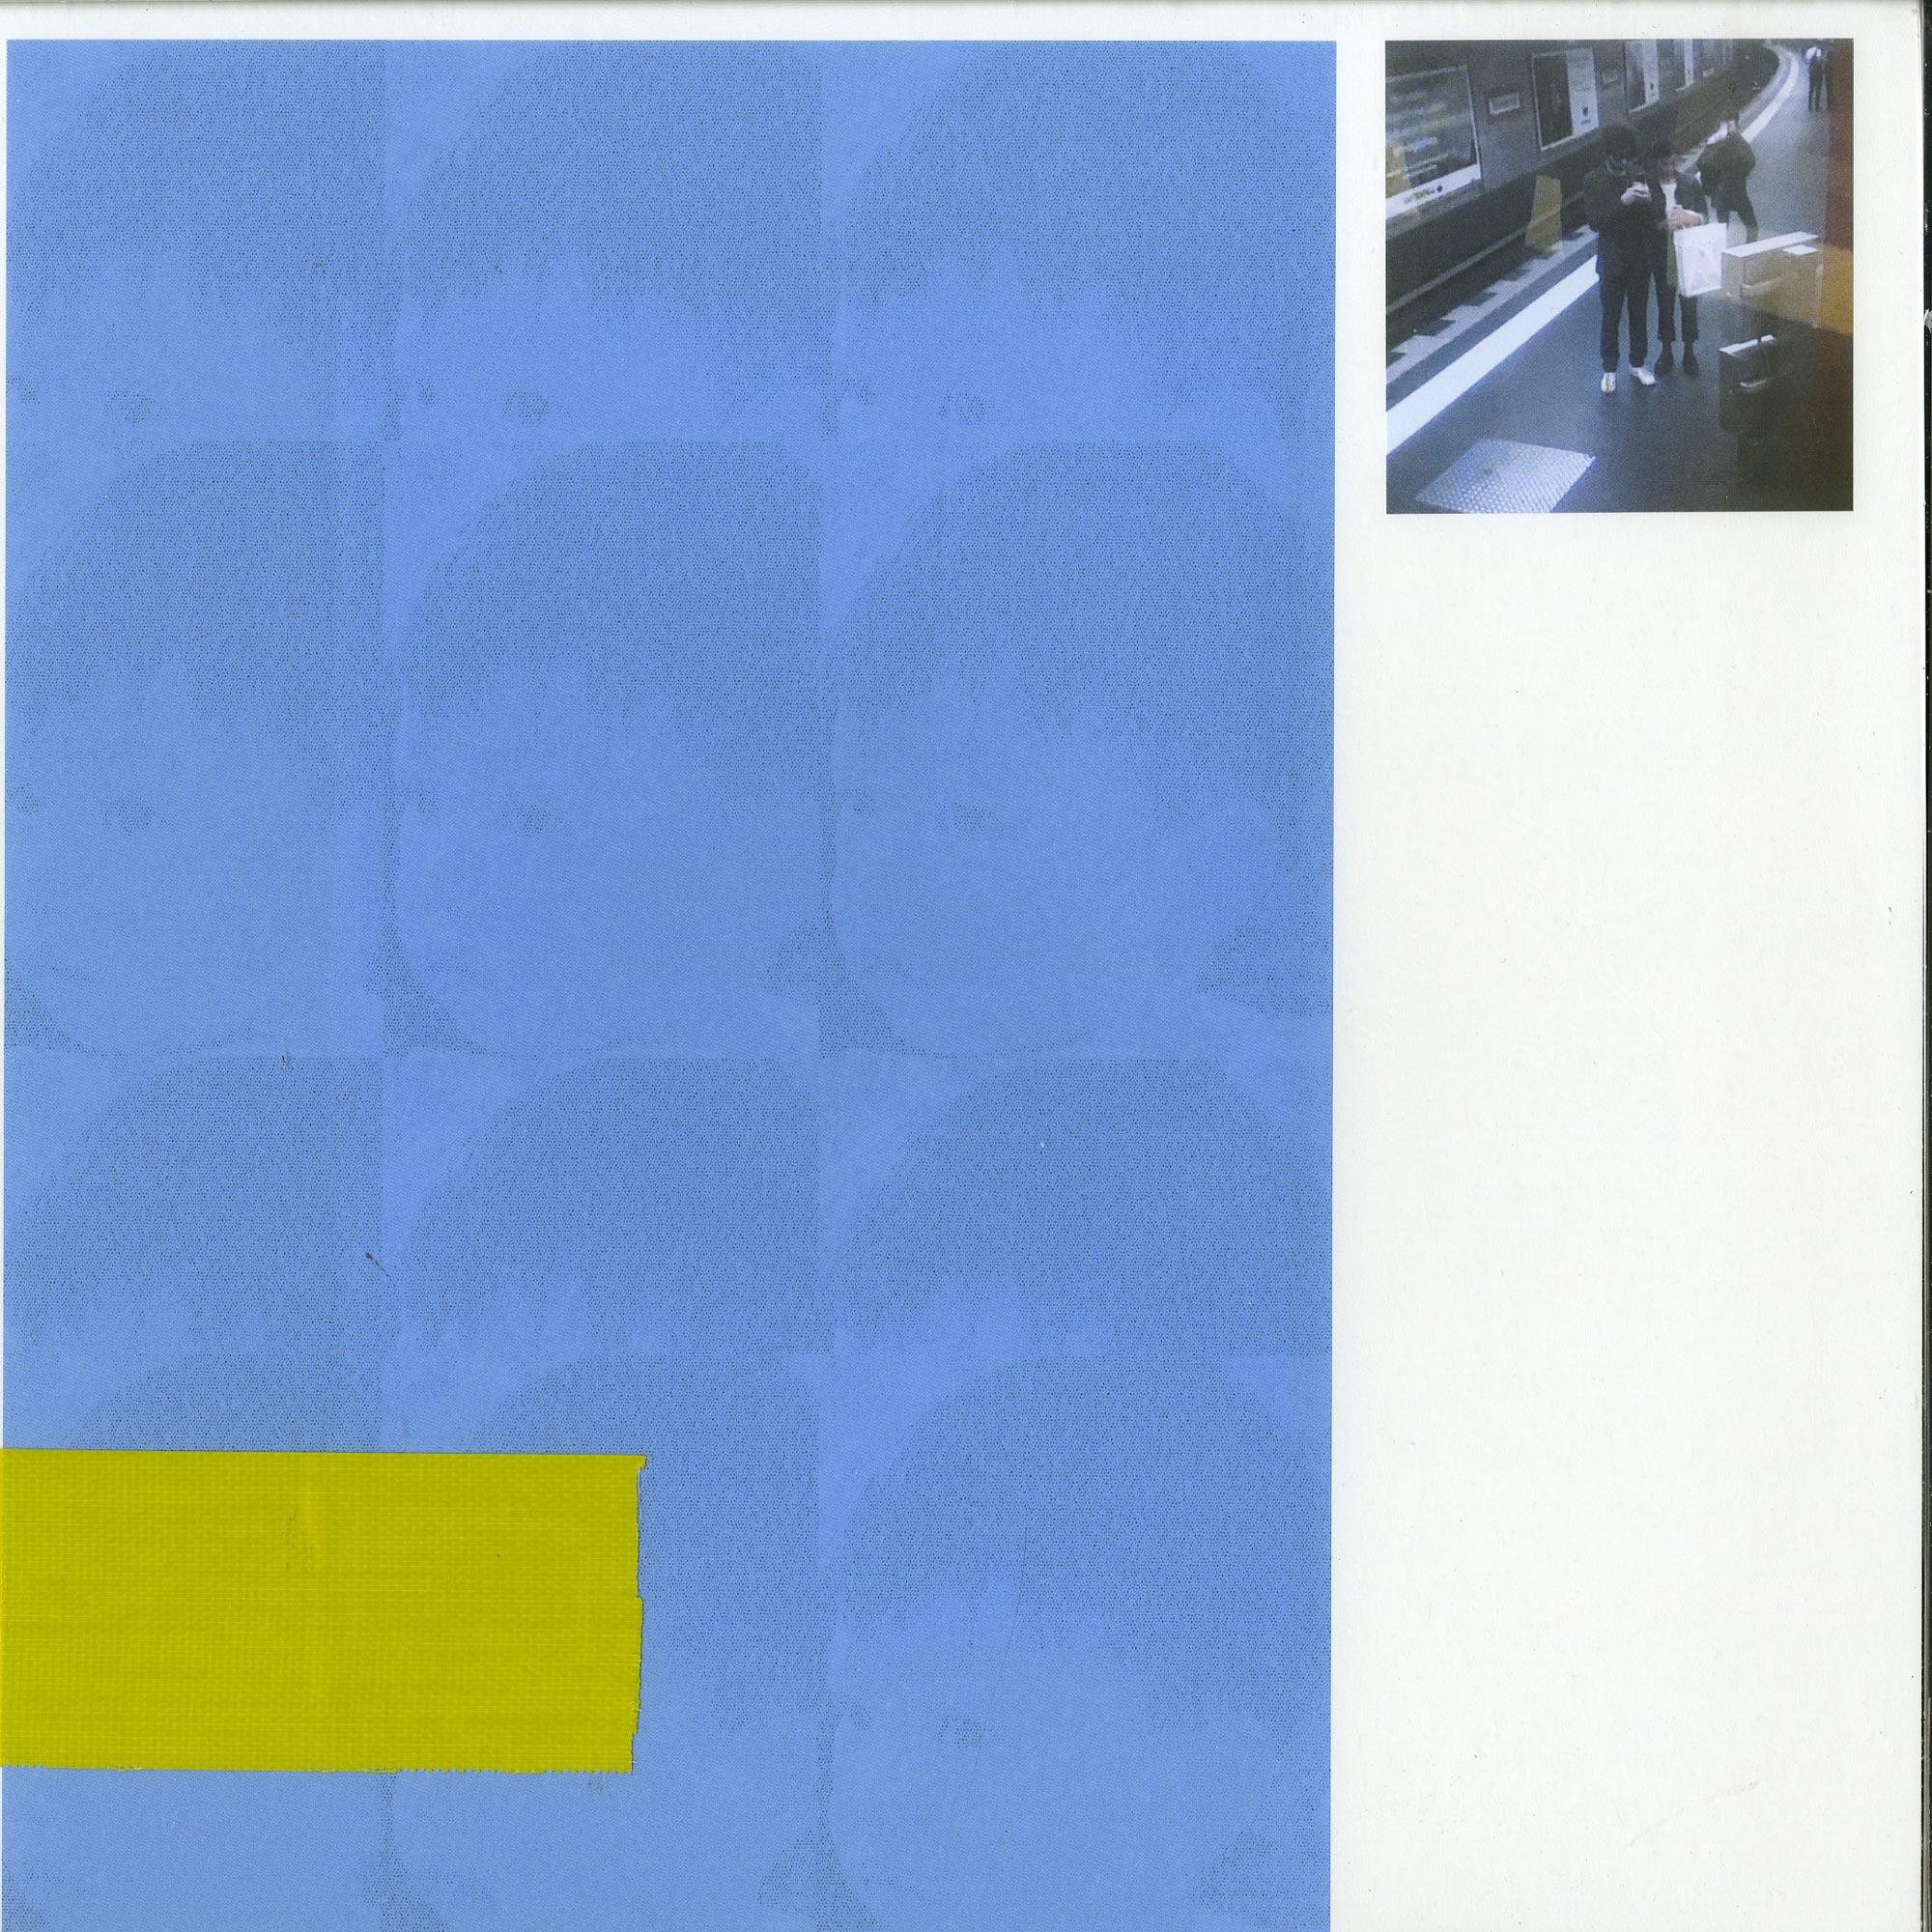 Damiano von Erckert - RECKLINGHAUSEN EP